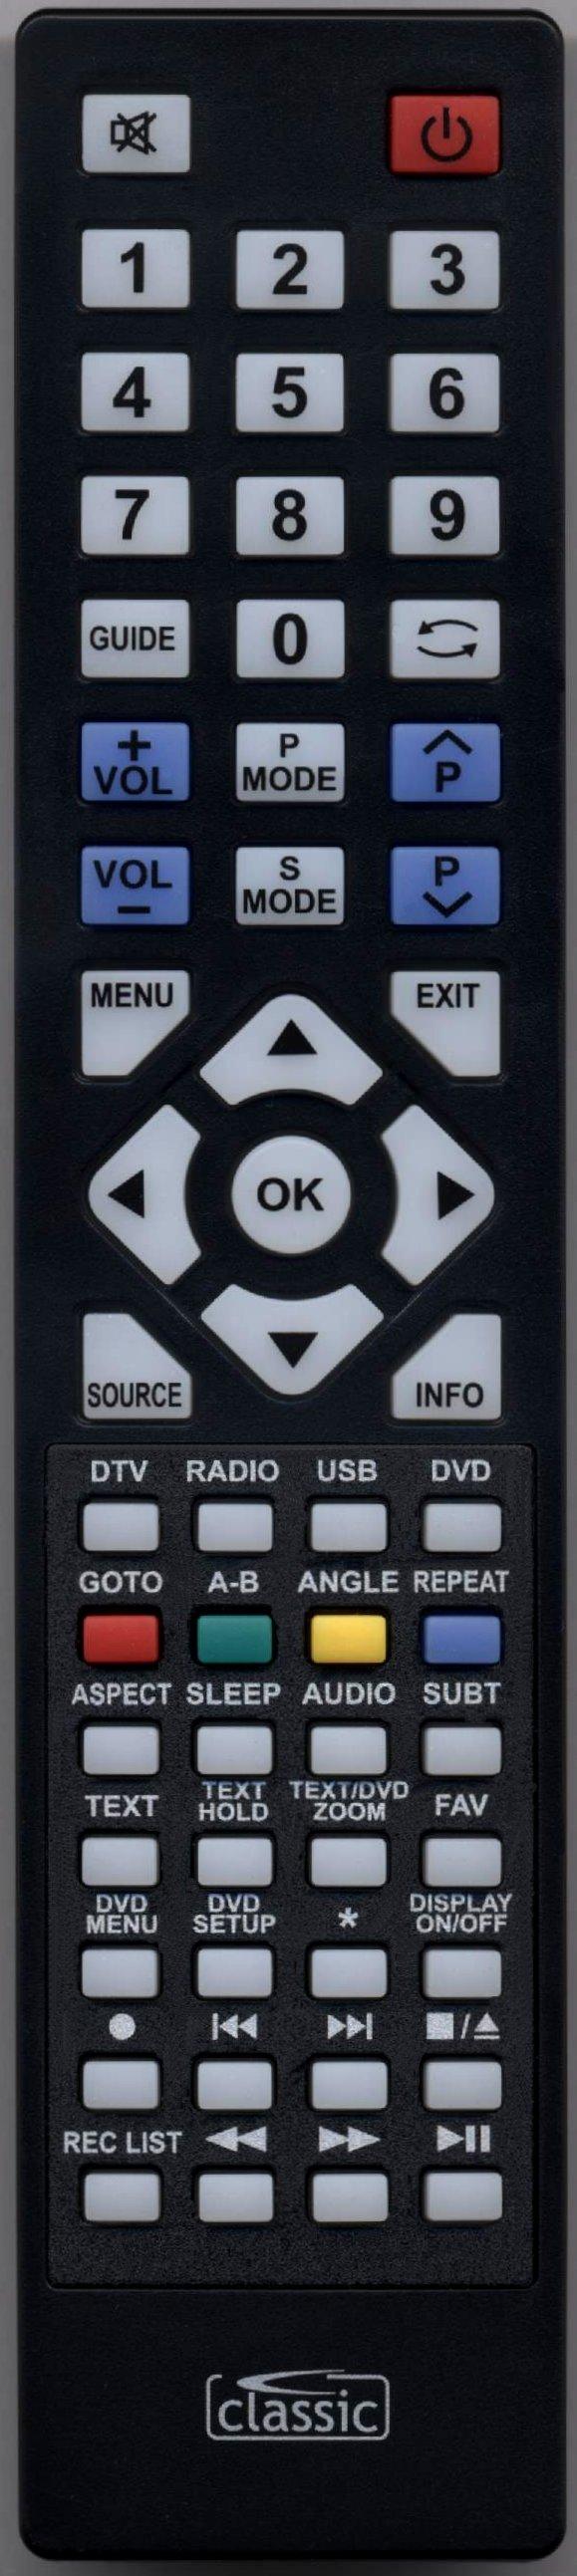 Blaupunkt 32/189I-GB-5B-1HBKU-EU Remote Control